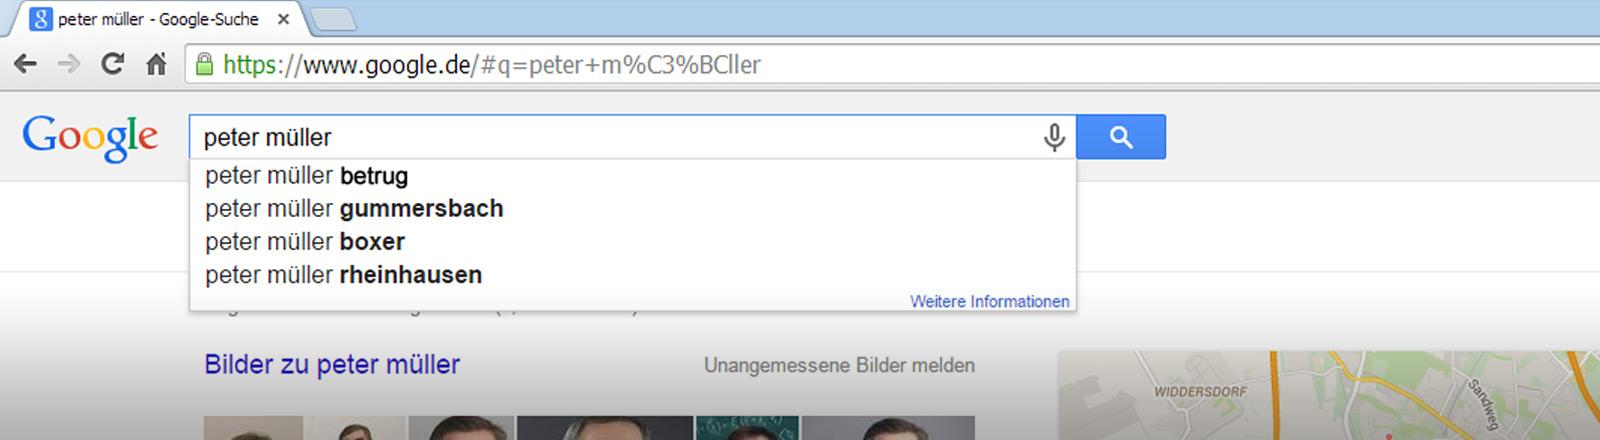 Bearbeiteter Screenshot der Suchmaschine Google